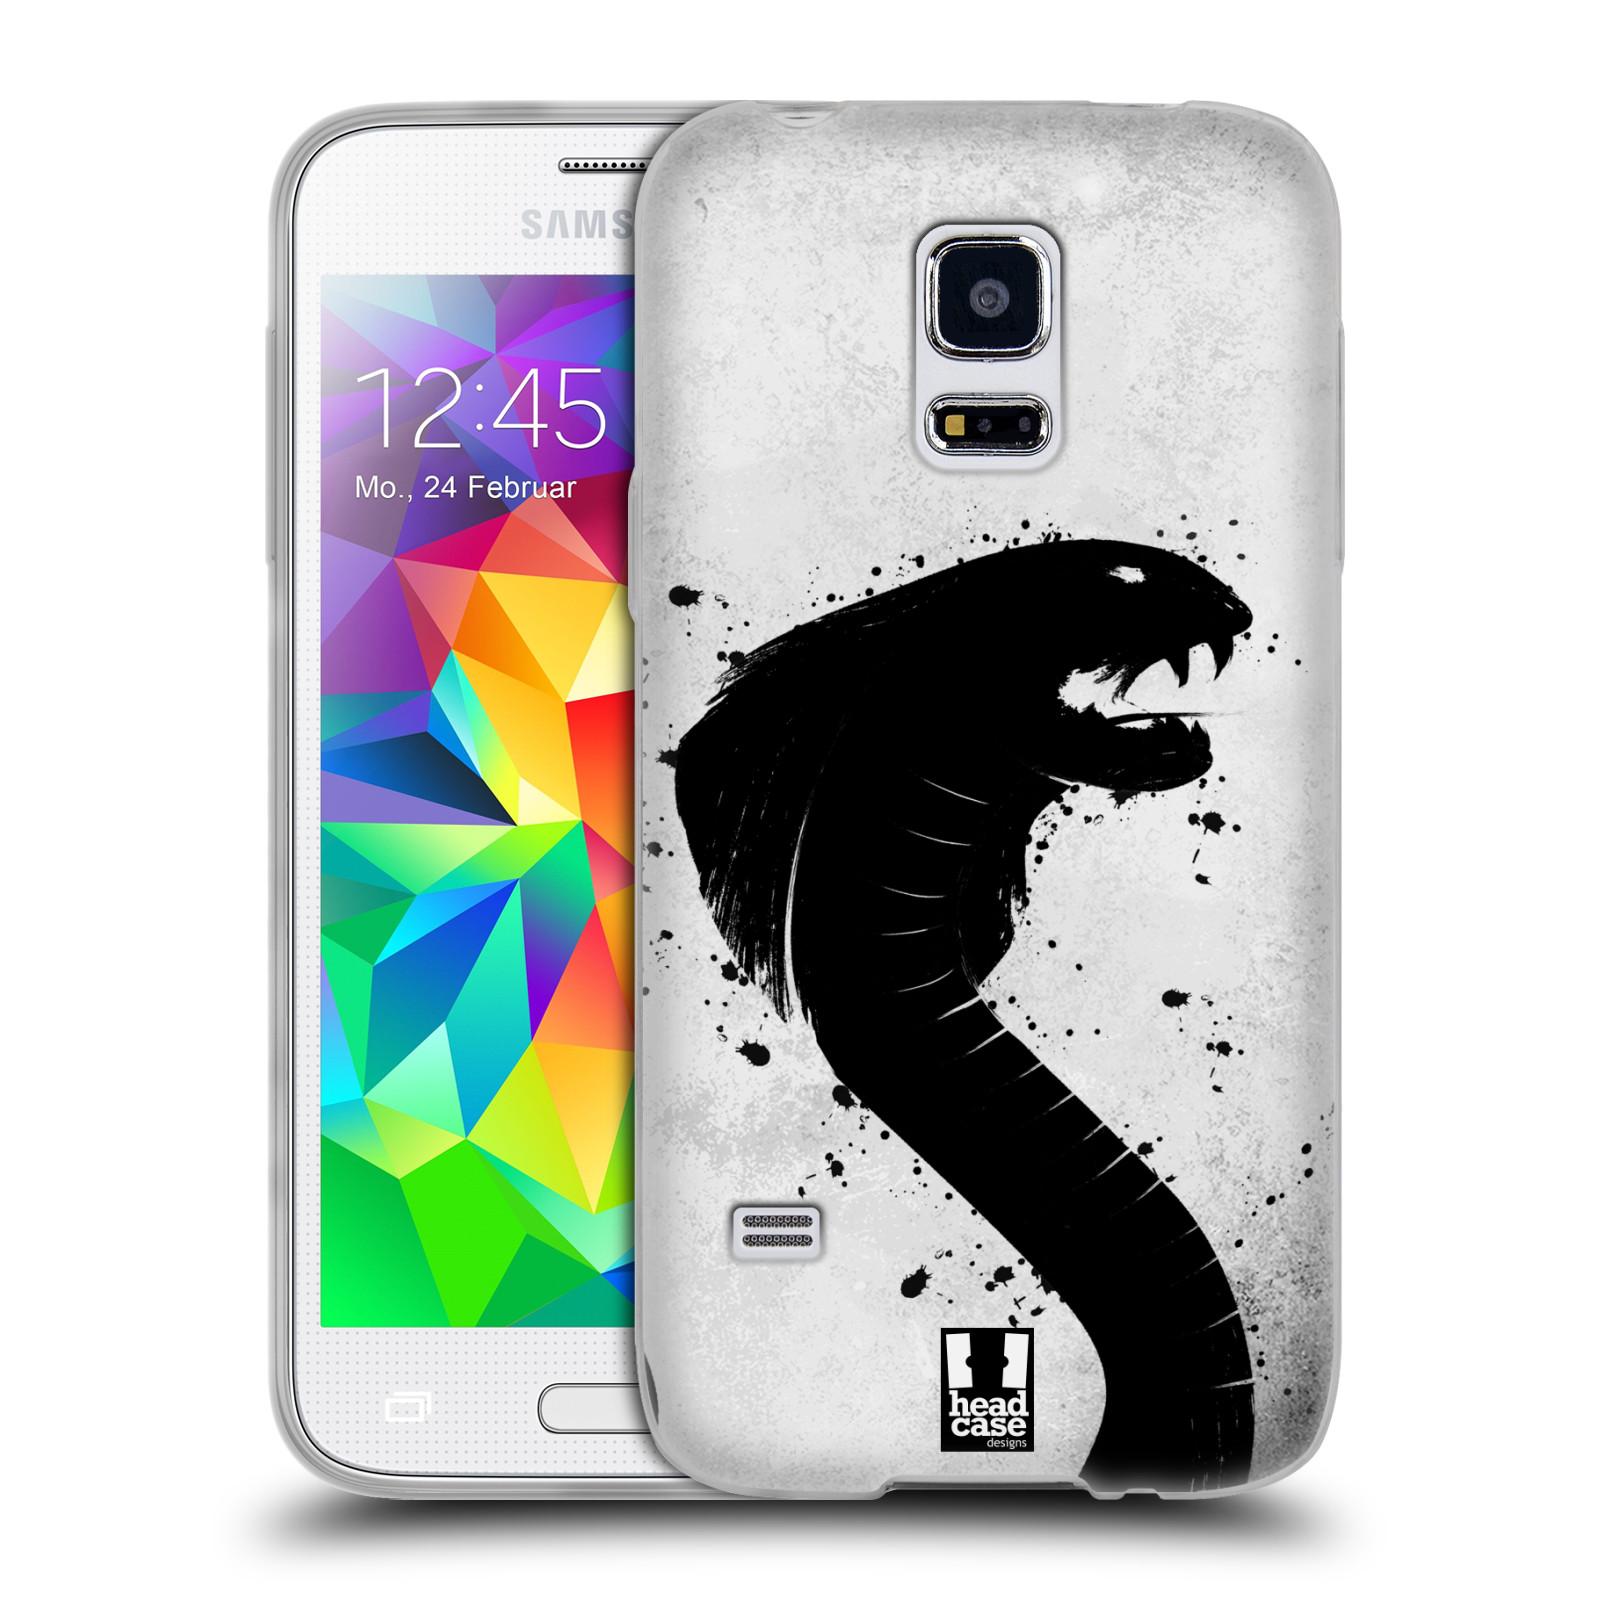 HEAD CASE silikonový obal na mobil Samsung Galaxy S5 MINI vzor Kresba tuš zvíře had kobra